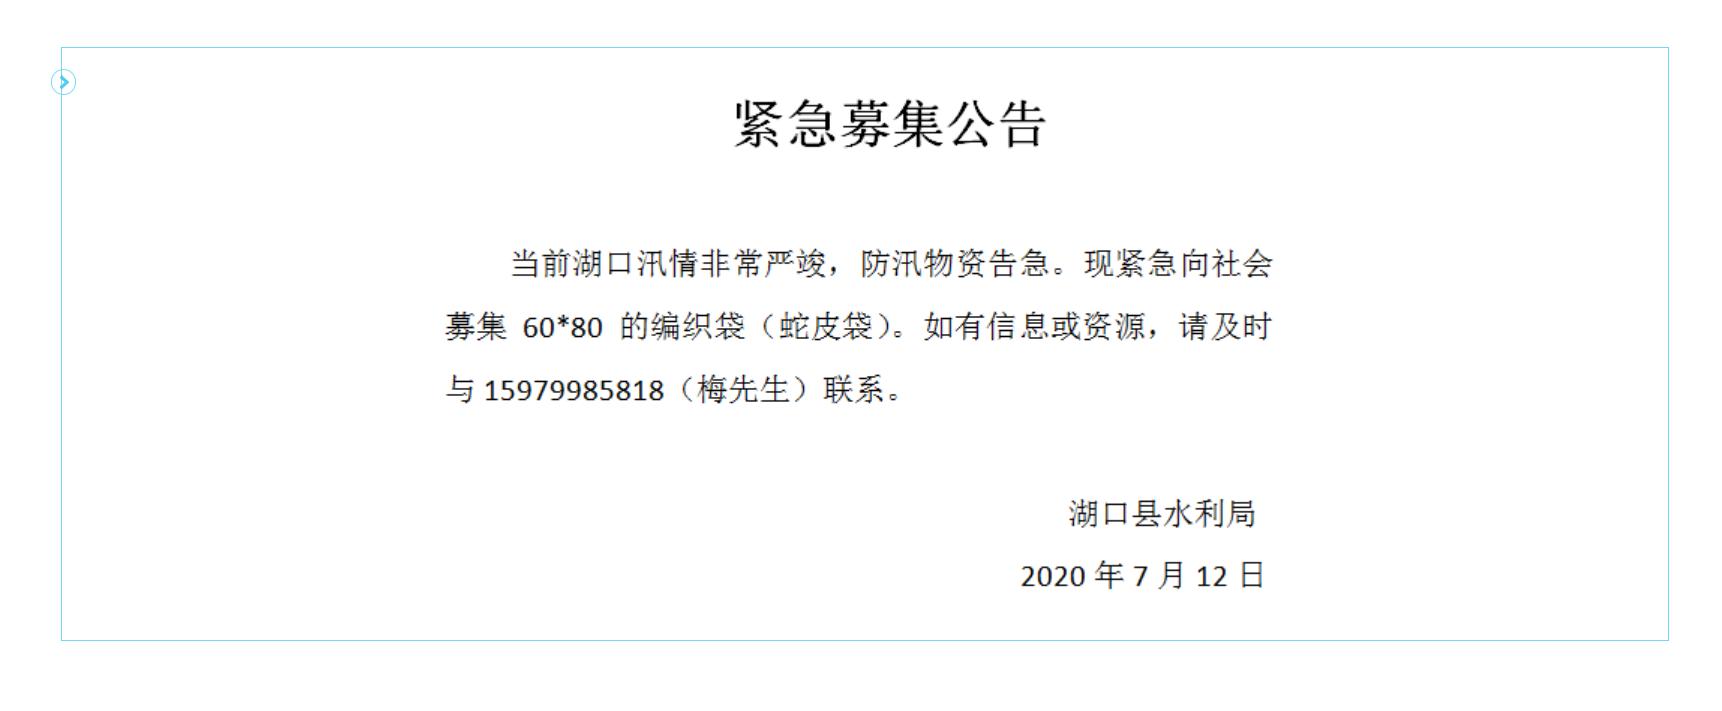 【杏悦】资告急九江湖口县向杏悦社会紧急募集编图片